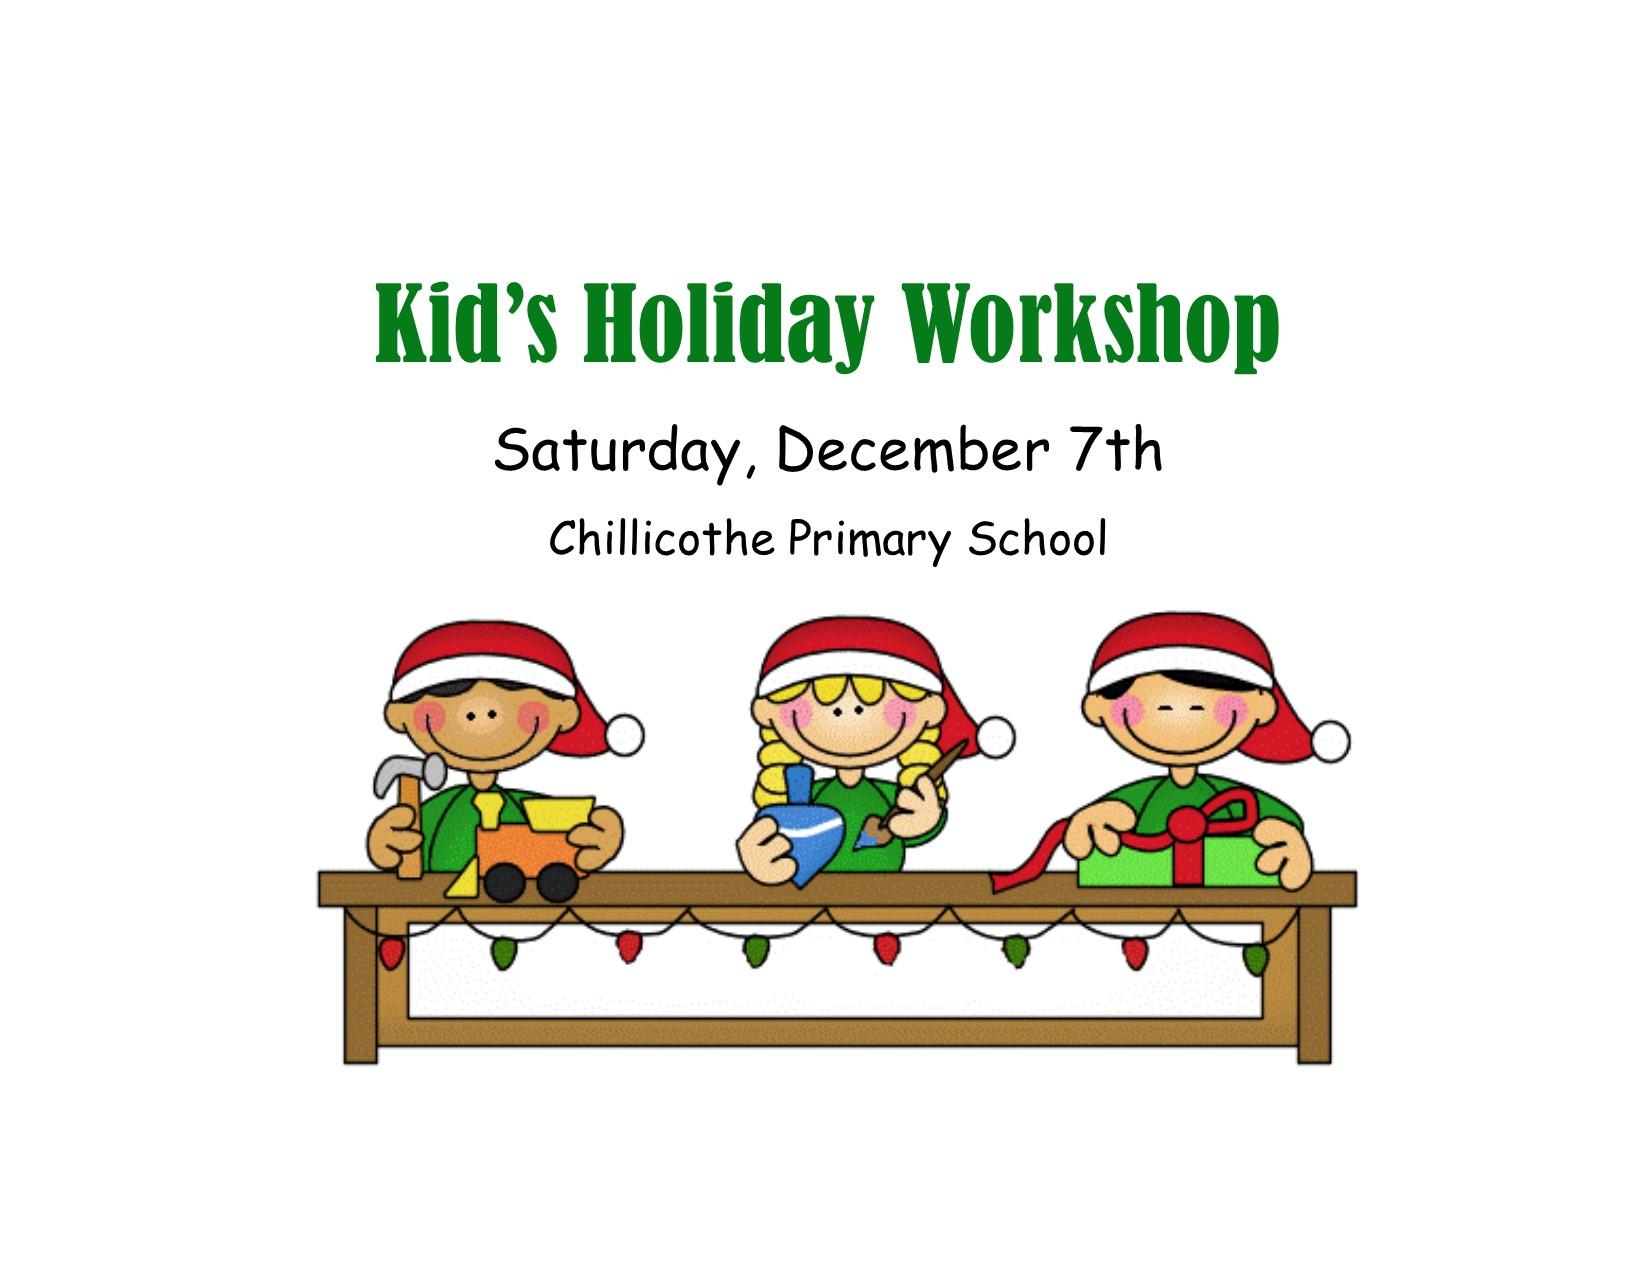 Kids' holiday workshop